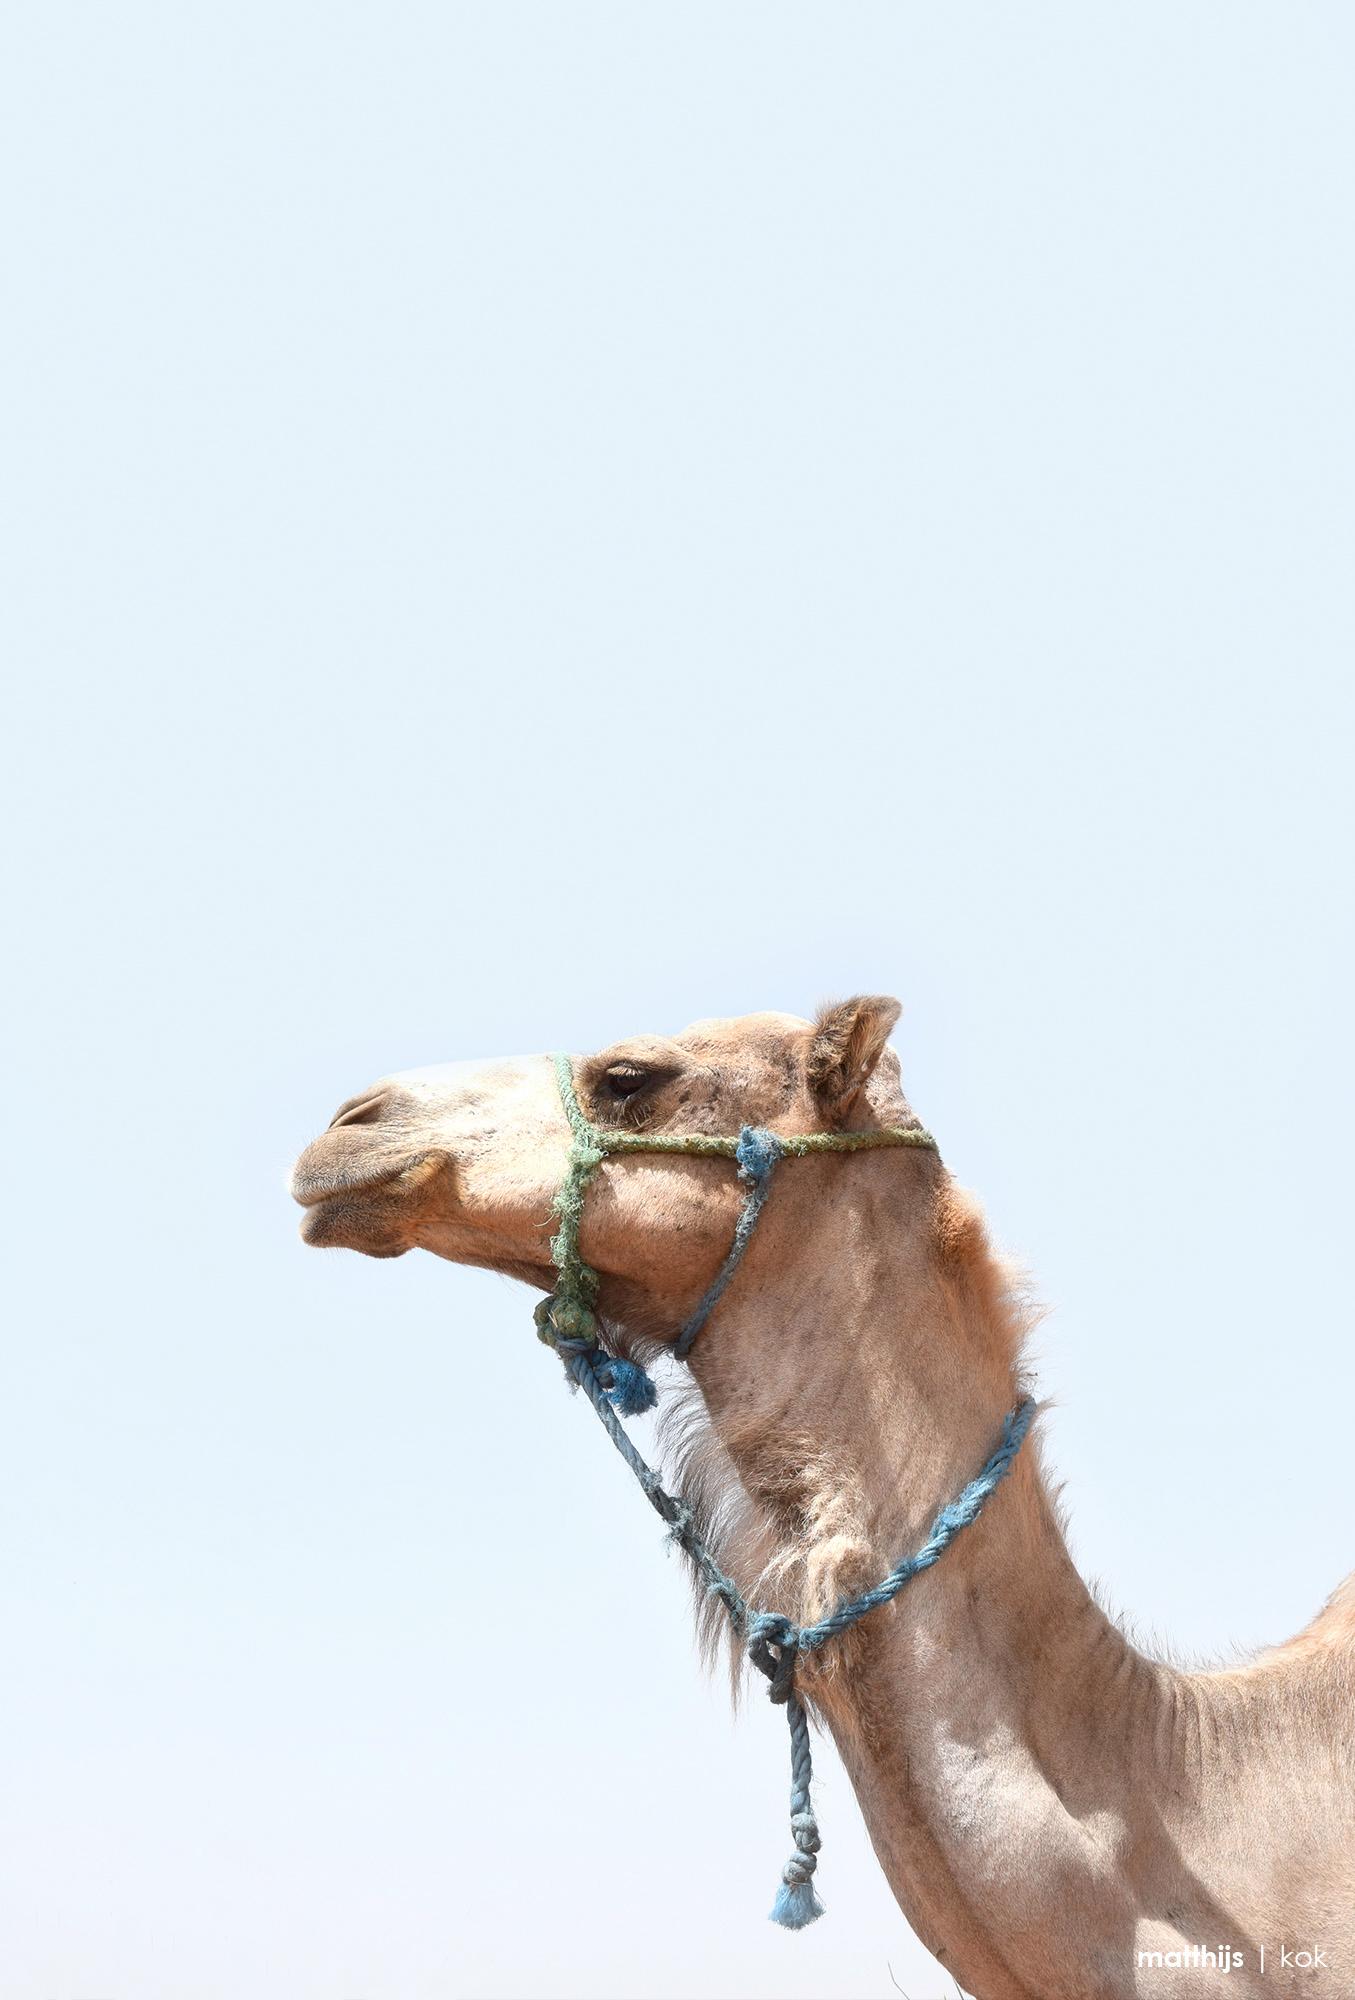 Camel, Marrakech | Photo by Matthijs Kok